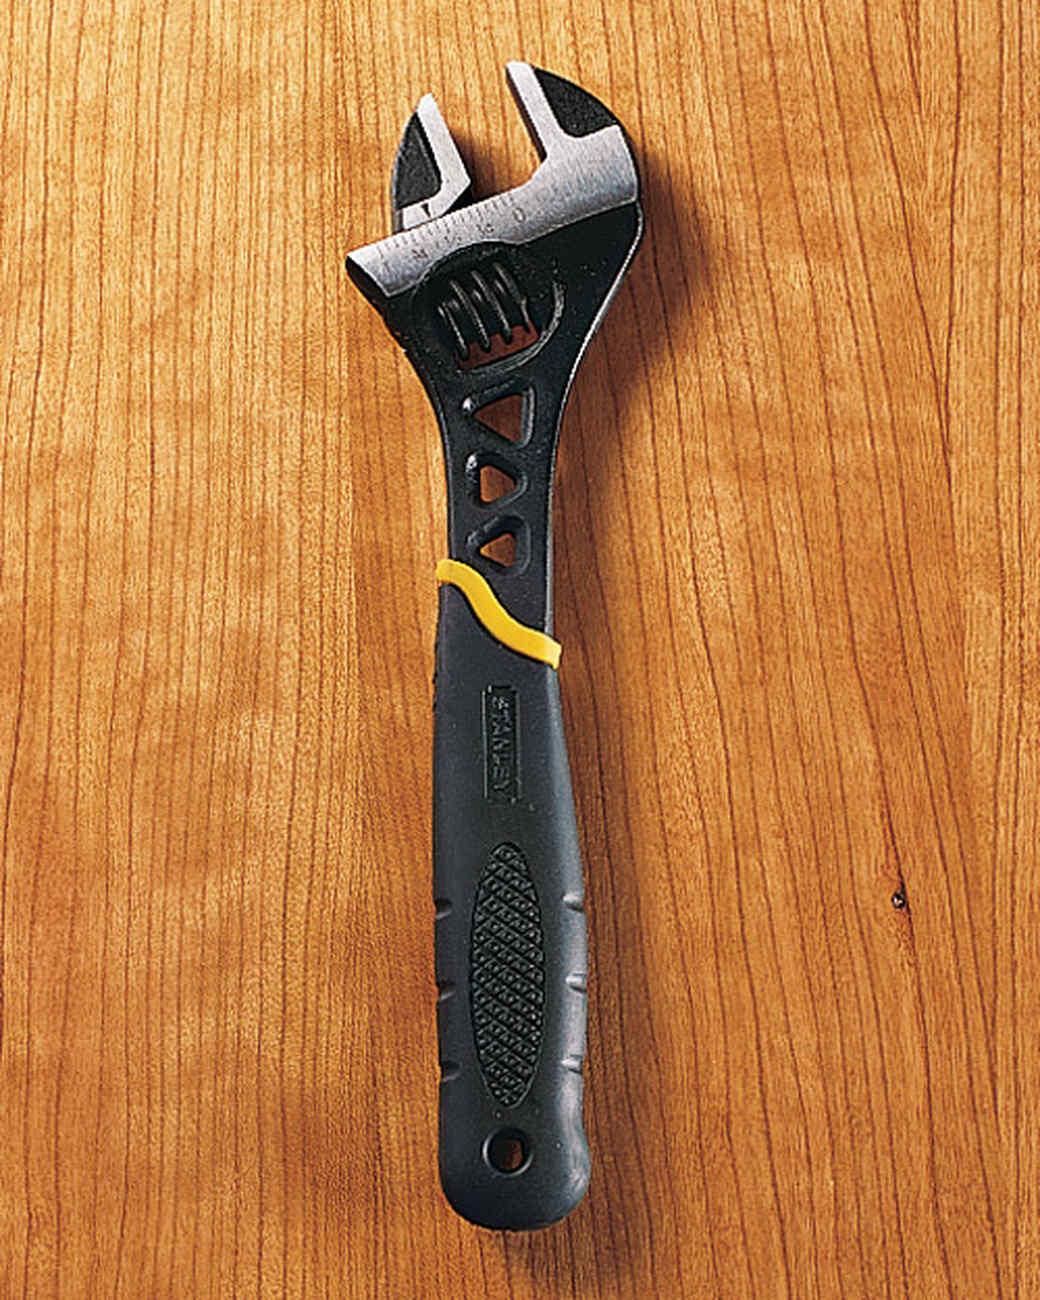 mla101243_1005_wrench.jpg